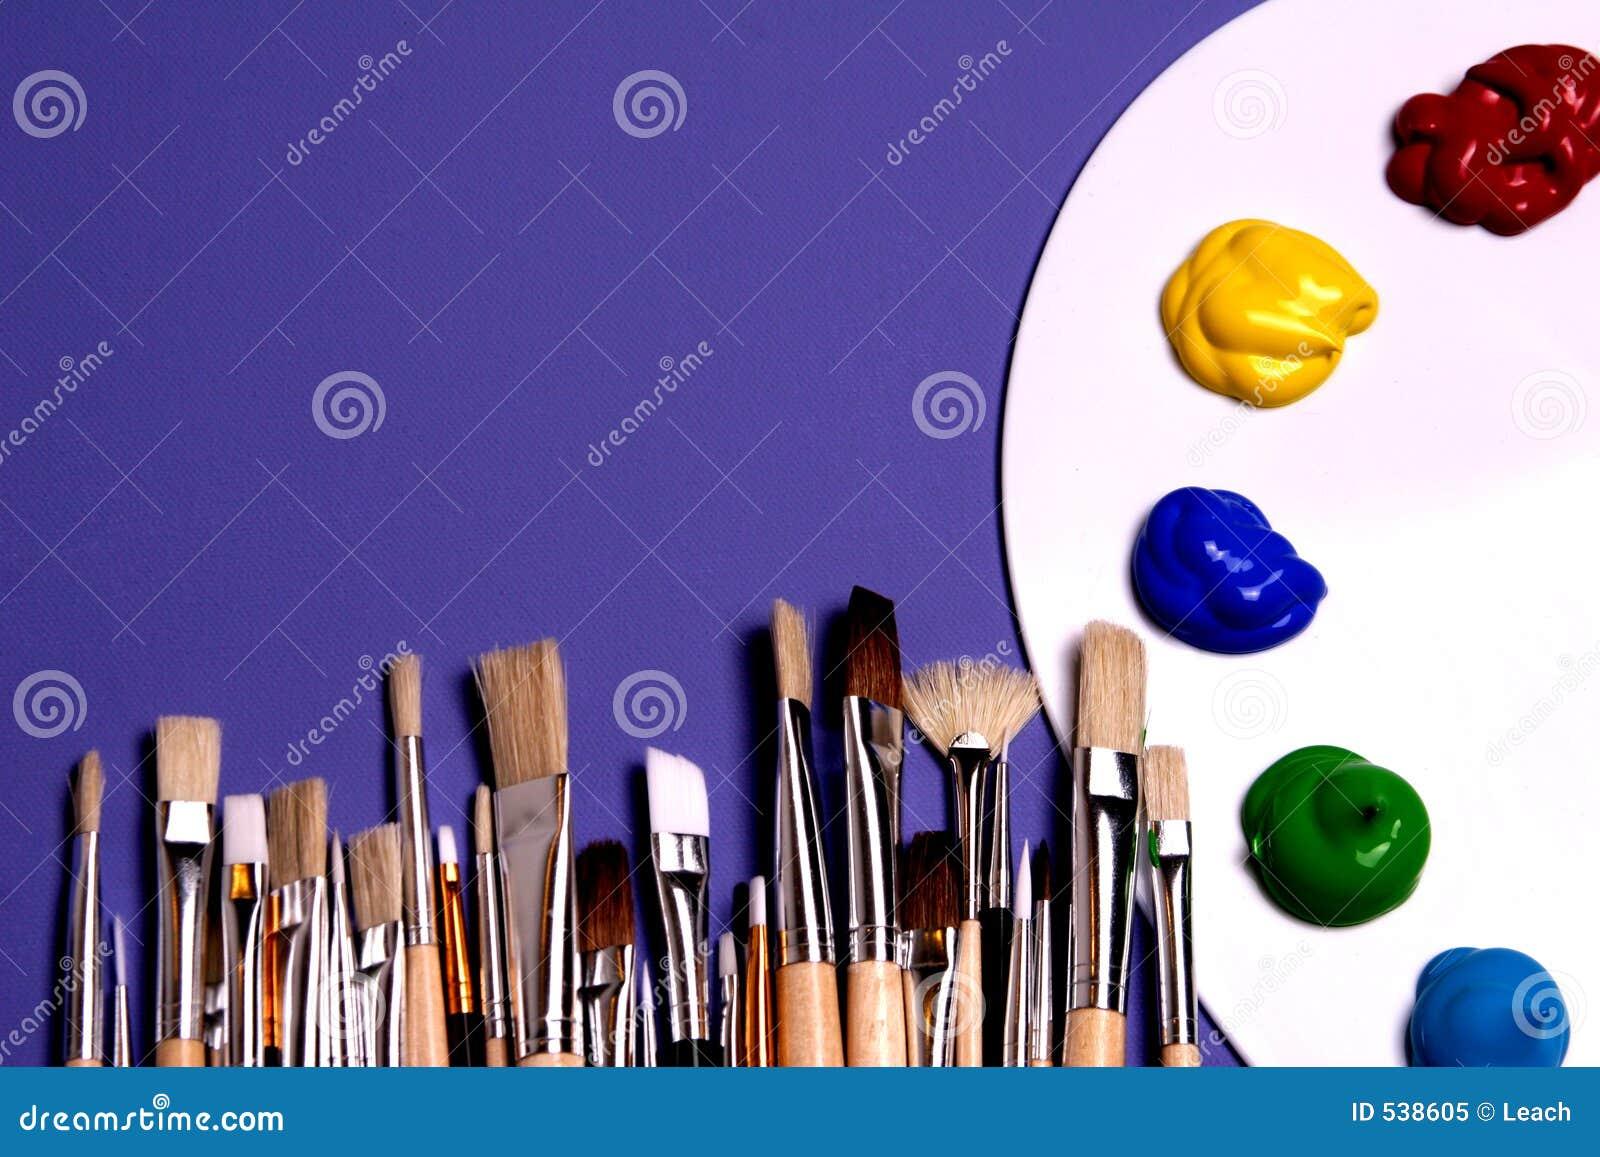 Download 艺术艺术家掠过油漆象征性油漆的调色板 库存图片. 图片 包括有 调色板, 工艺, 紫色, brusher, 艺术性 - 538605